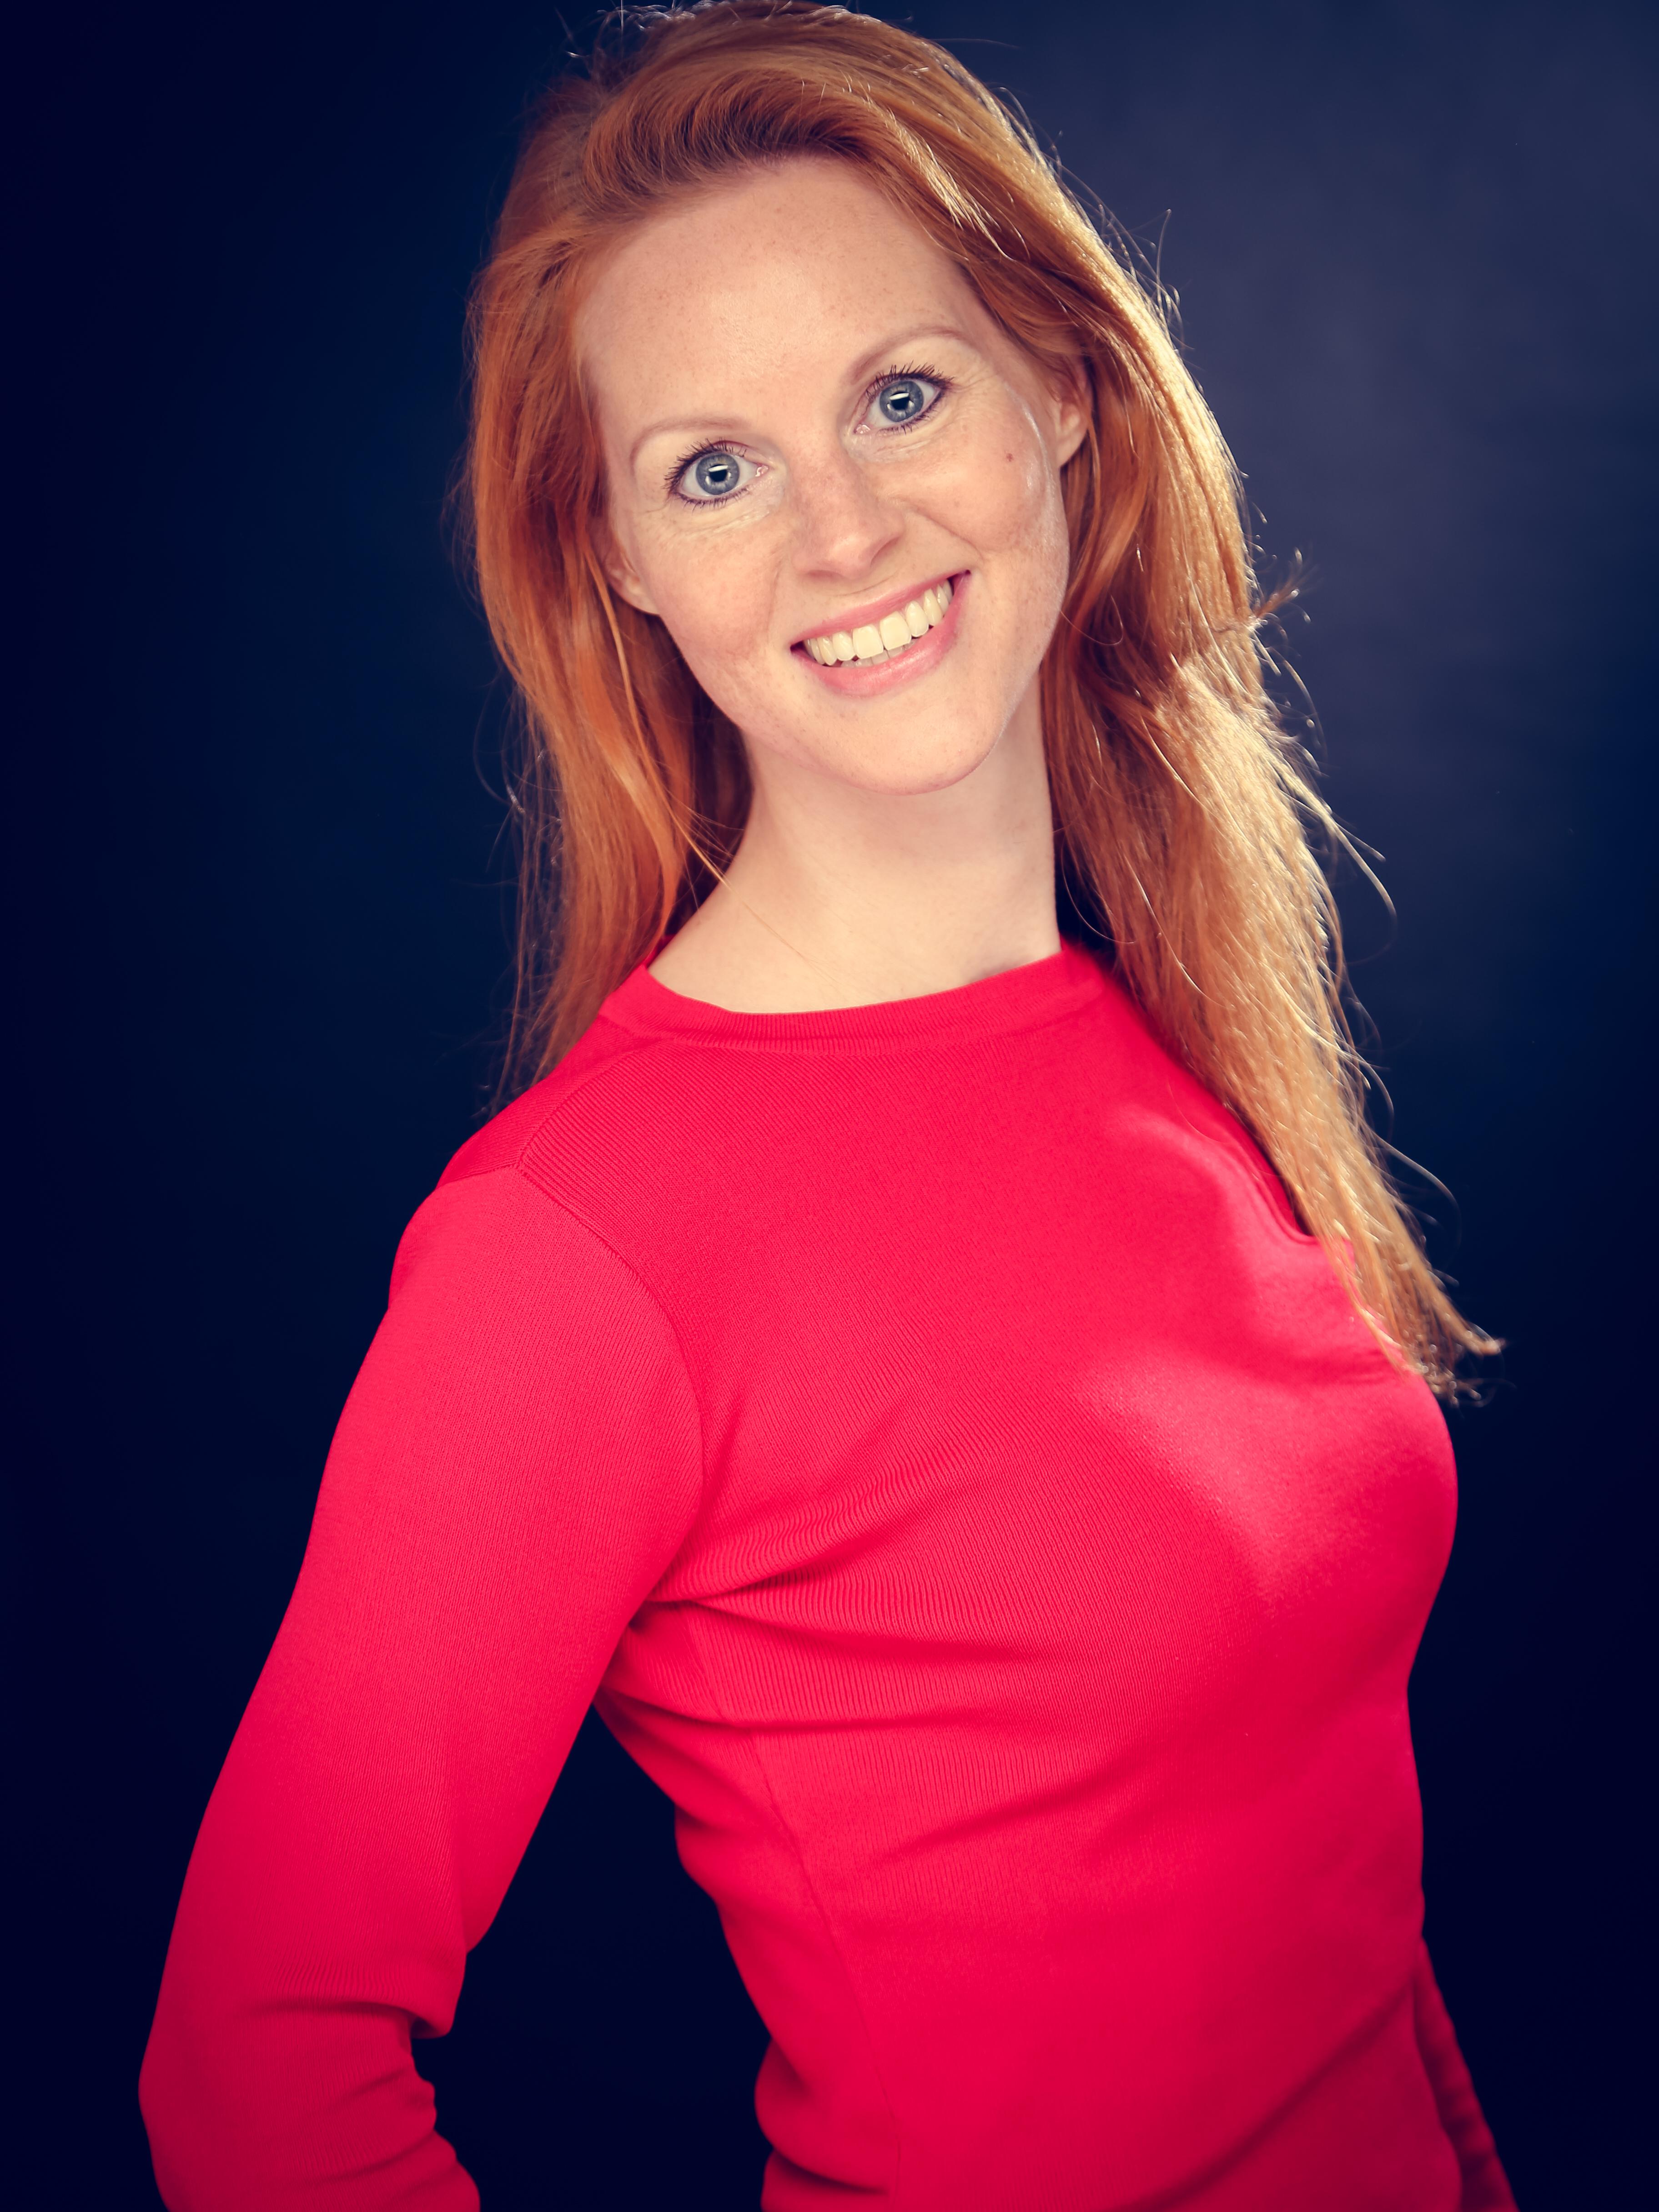 Chrissy van Meersbergen